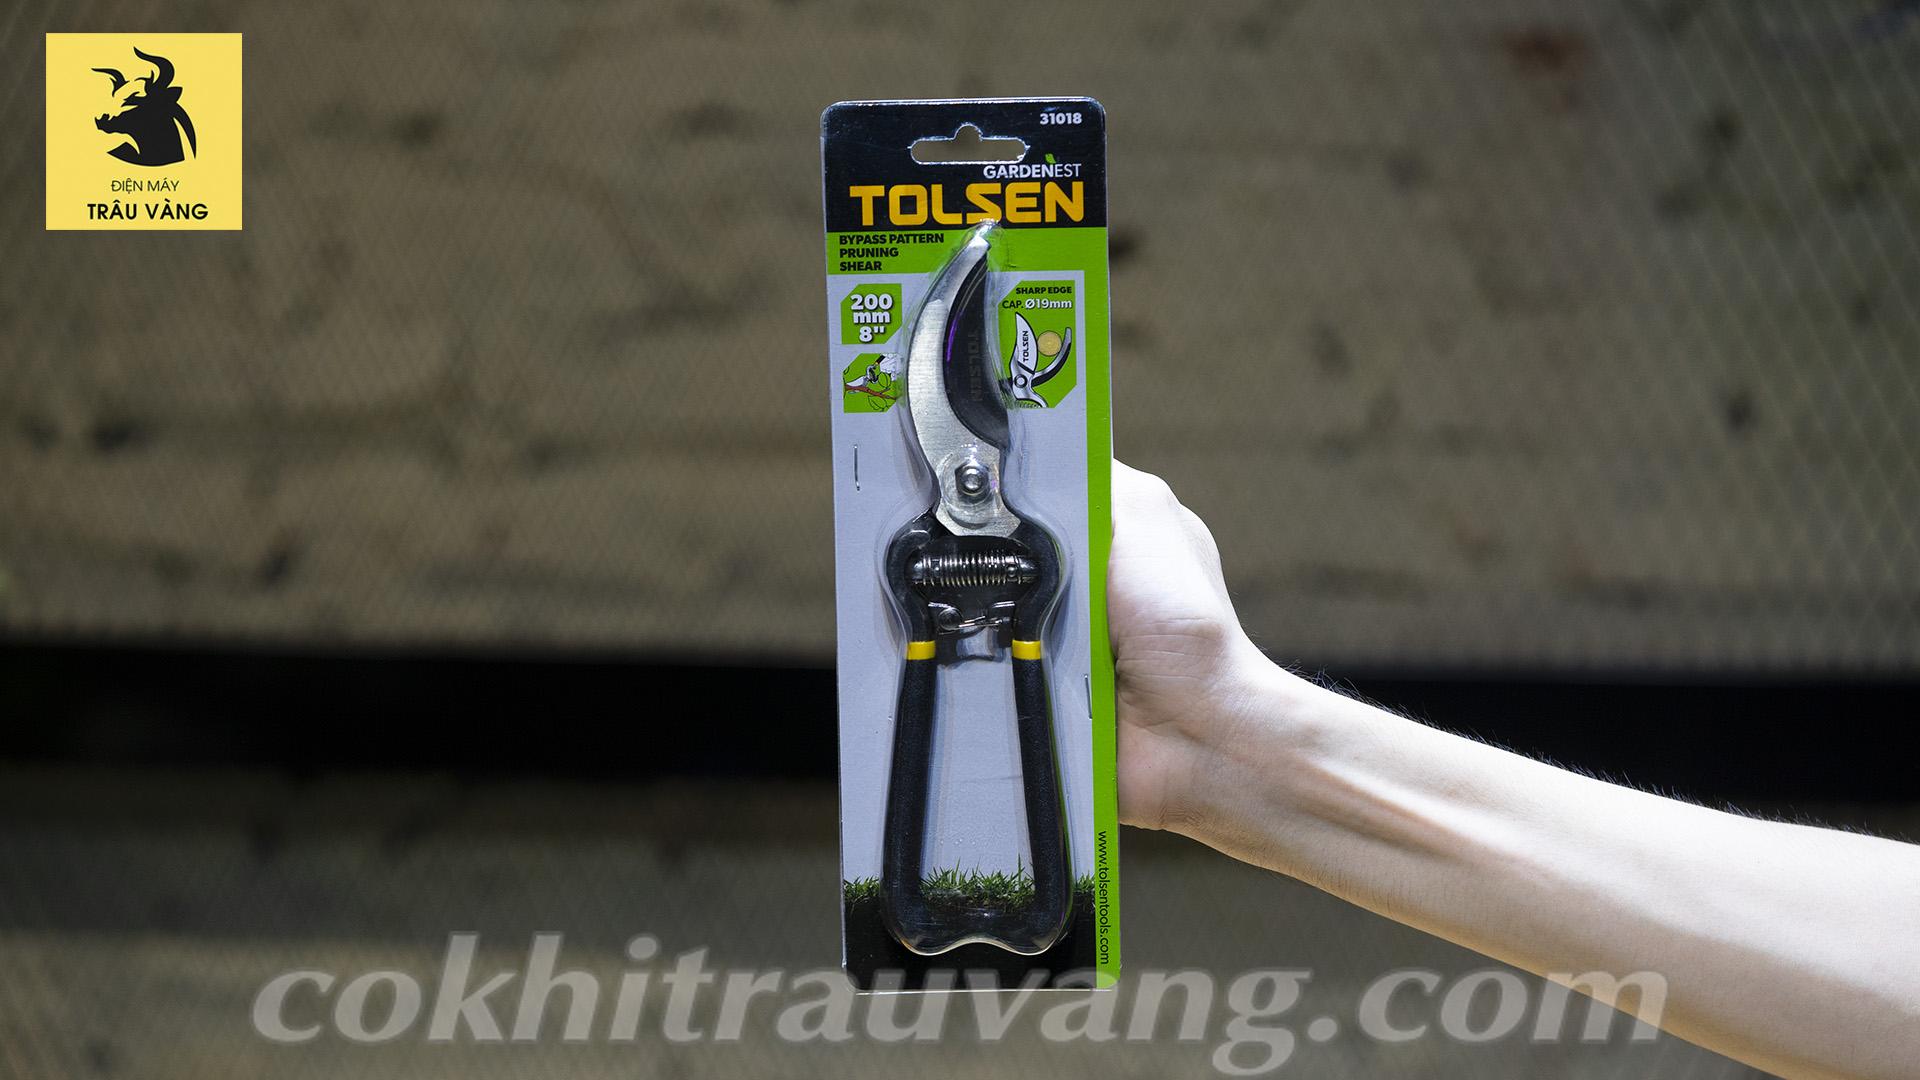 kéo cắt cành Tolsen 31018